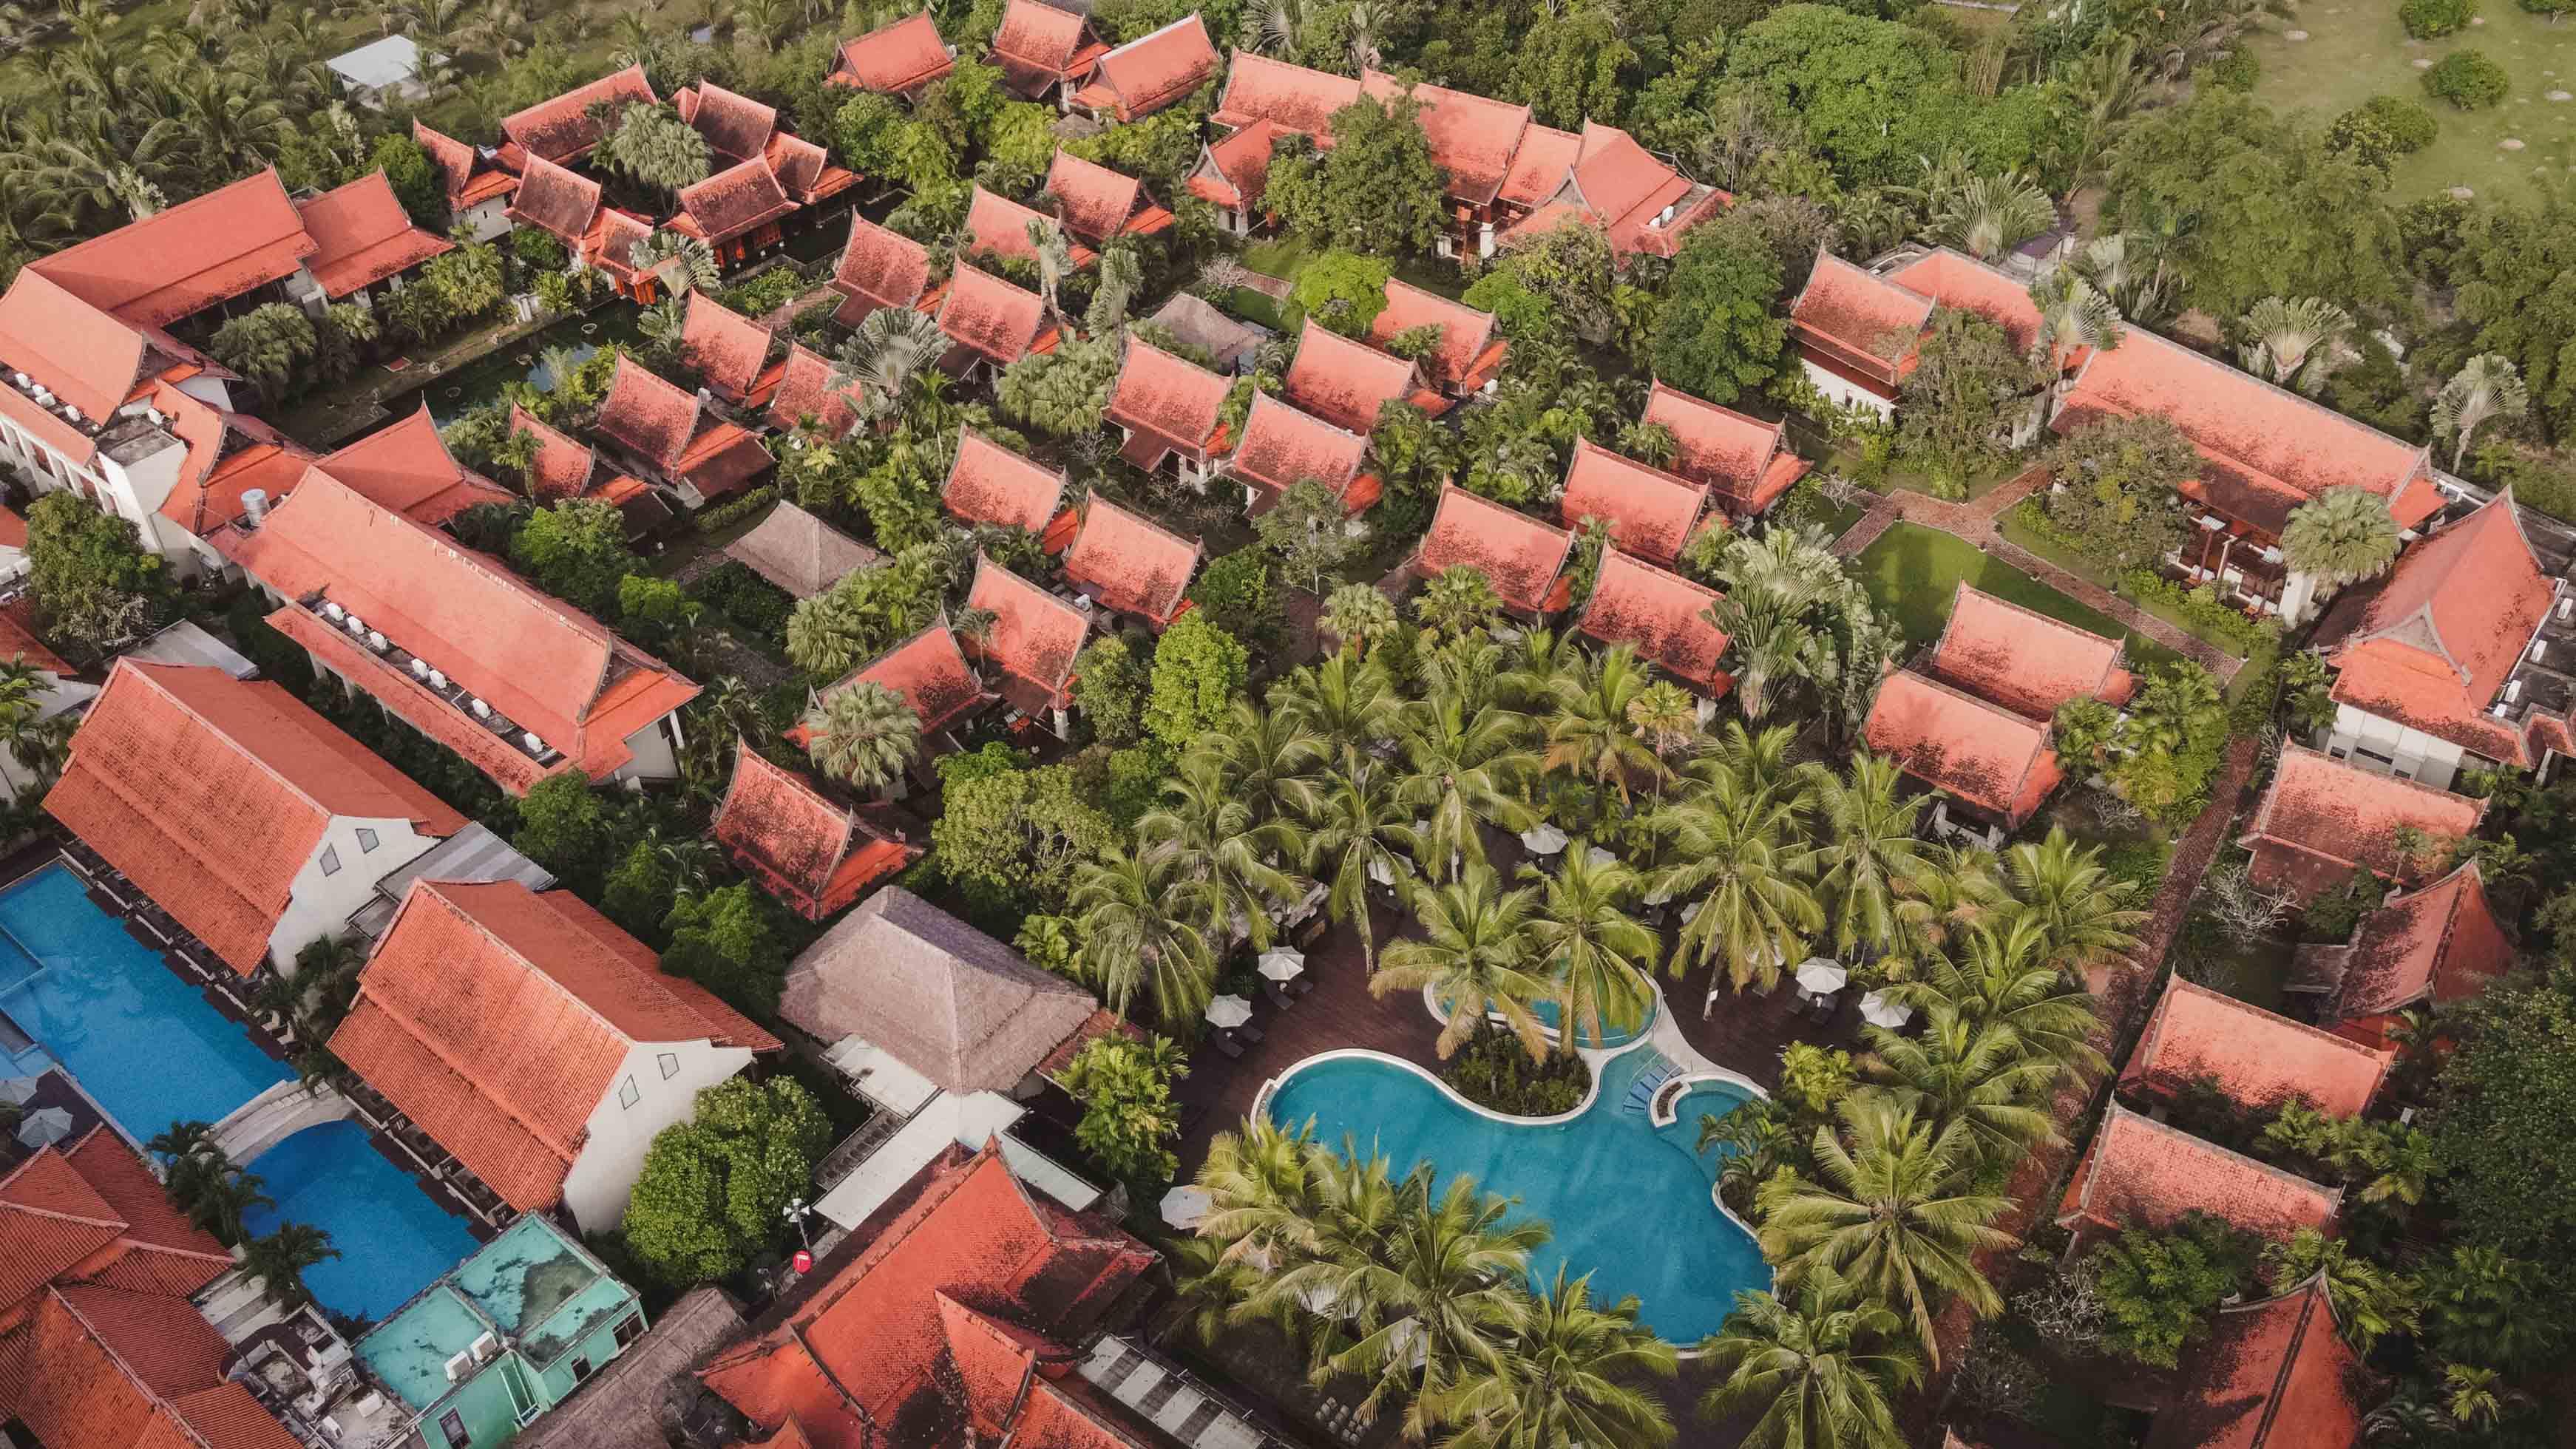 มุมสวยๆสไตล์ไทยย ที่พักเขาหลัก,บันดารี,รีสอร์ท,แอนด์,สปา,เขาหลัก,หาดนางทอง,ทะเลสีดำ